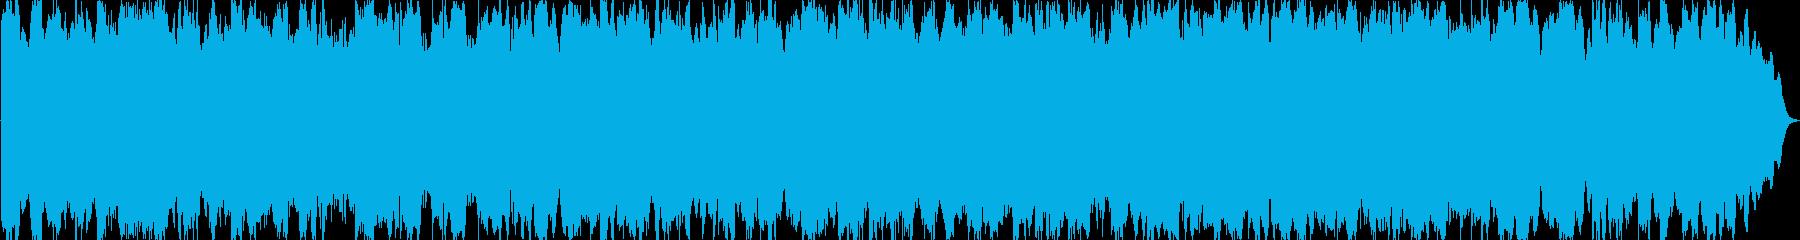 バロック調のオーボエのための曲ですの再生済みの波形